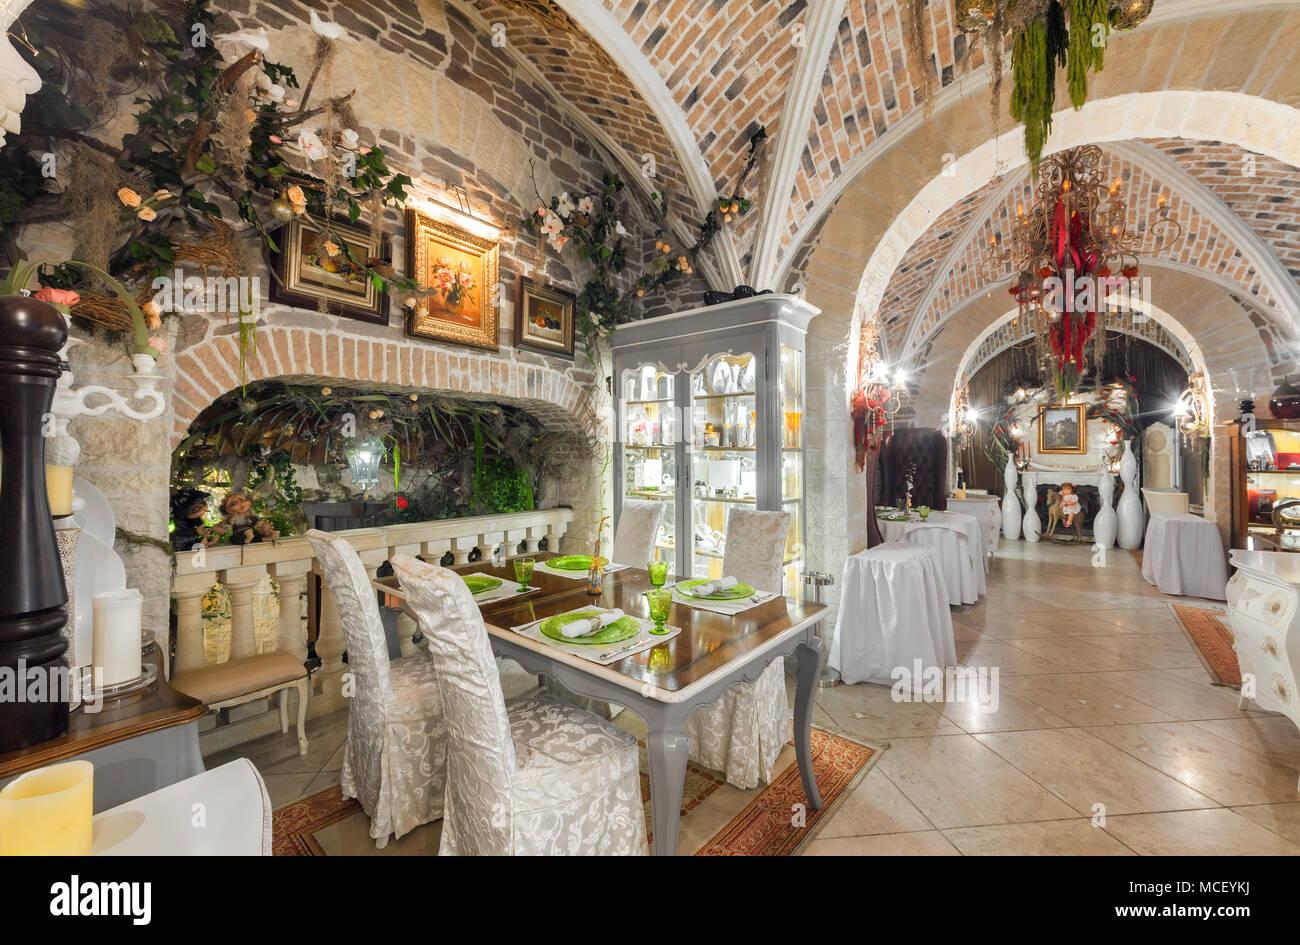 Moskau - AUGUST 2014: Vintage Interieur des Restaurants der ...